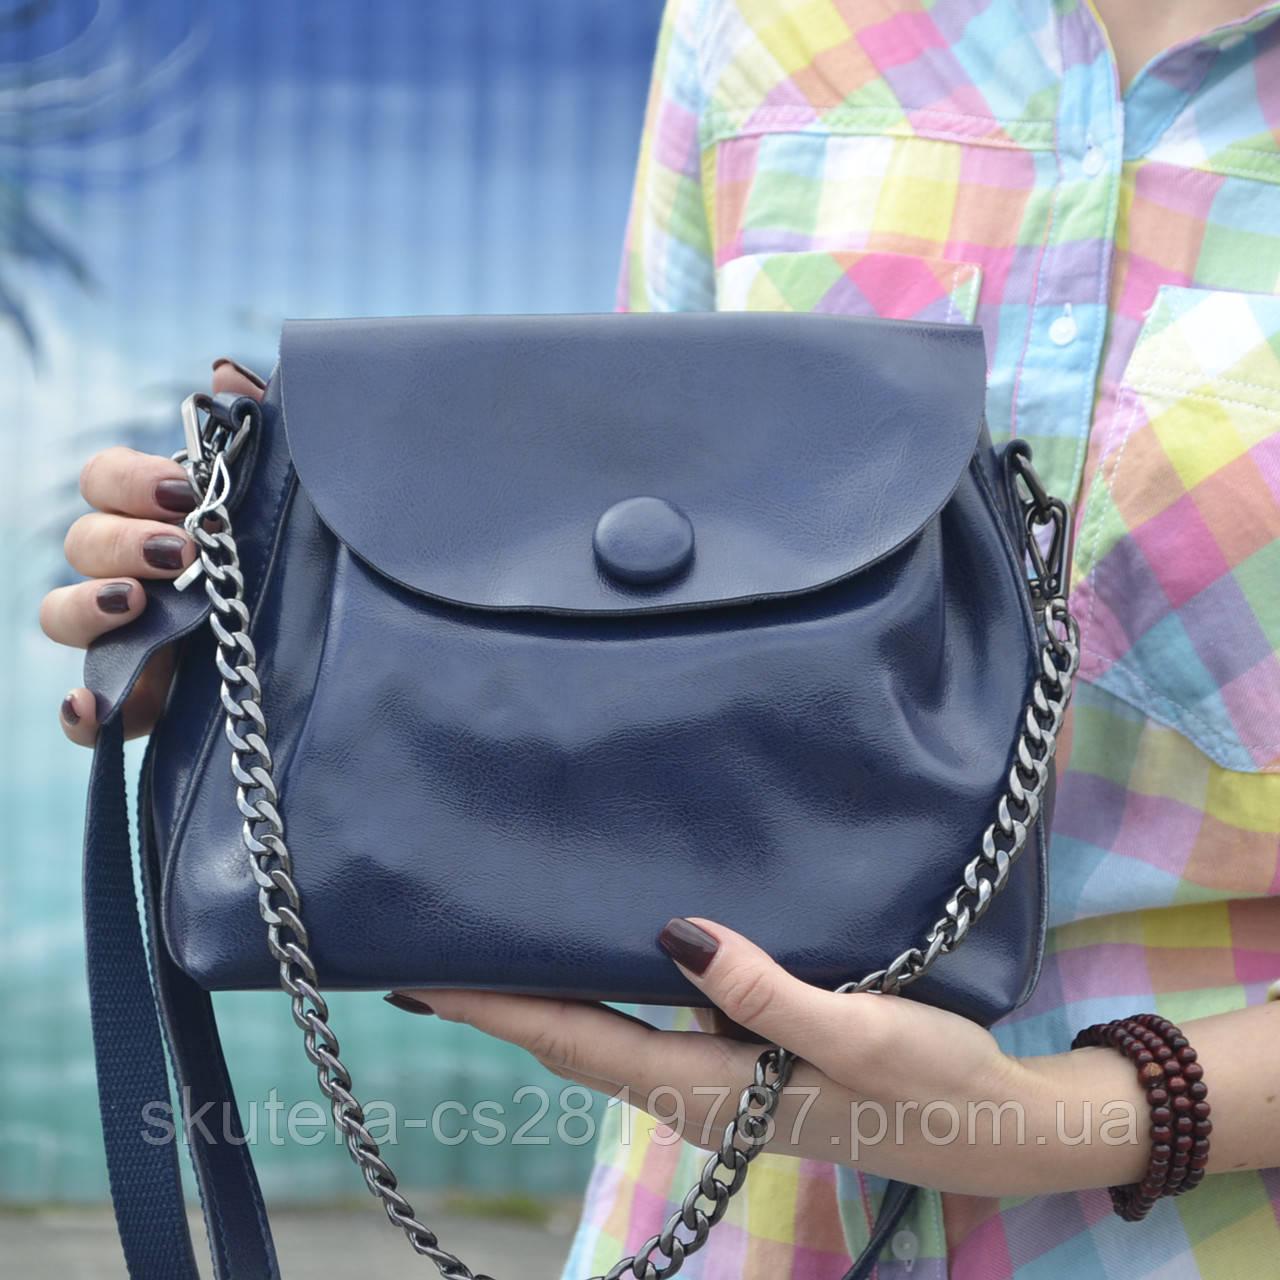 """Женская кожаная сумка """"Пуговка 3 Blue"""", фото 1"""